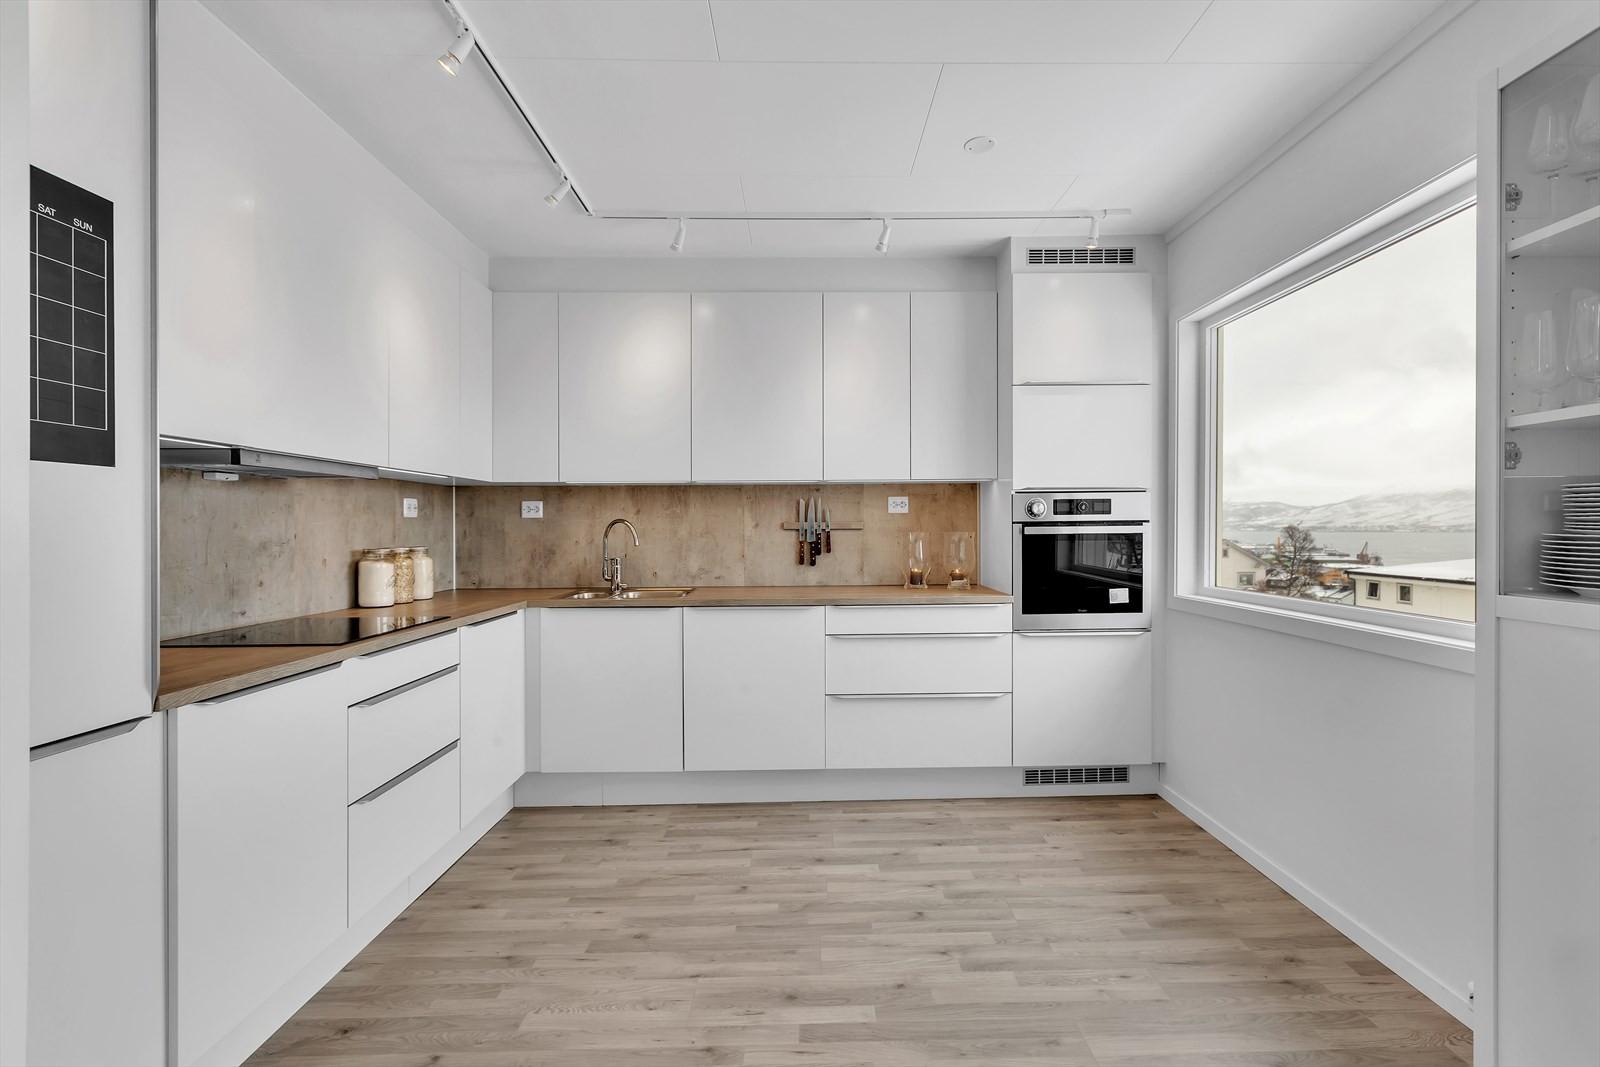 Stort vindu som gir mye lys i kjøkkenet